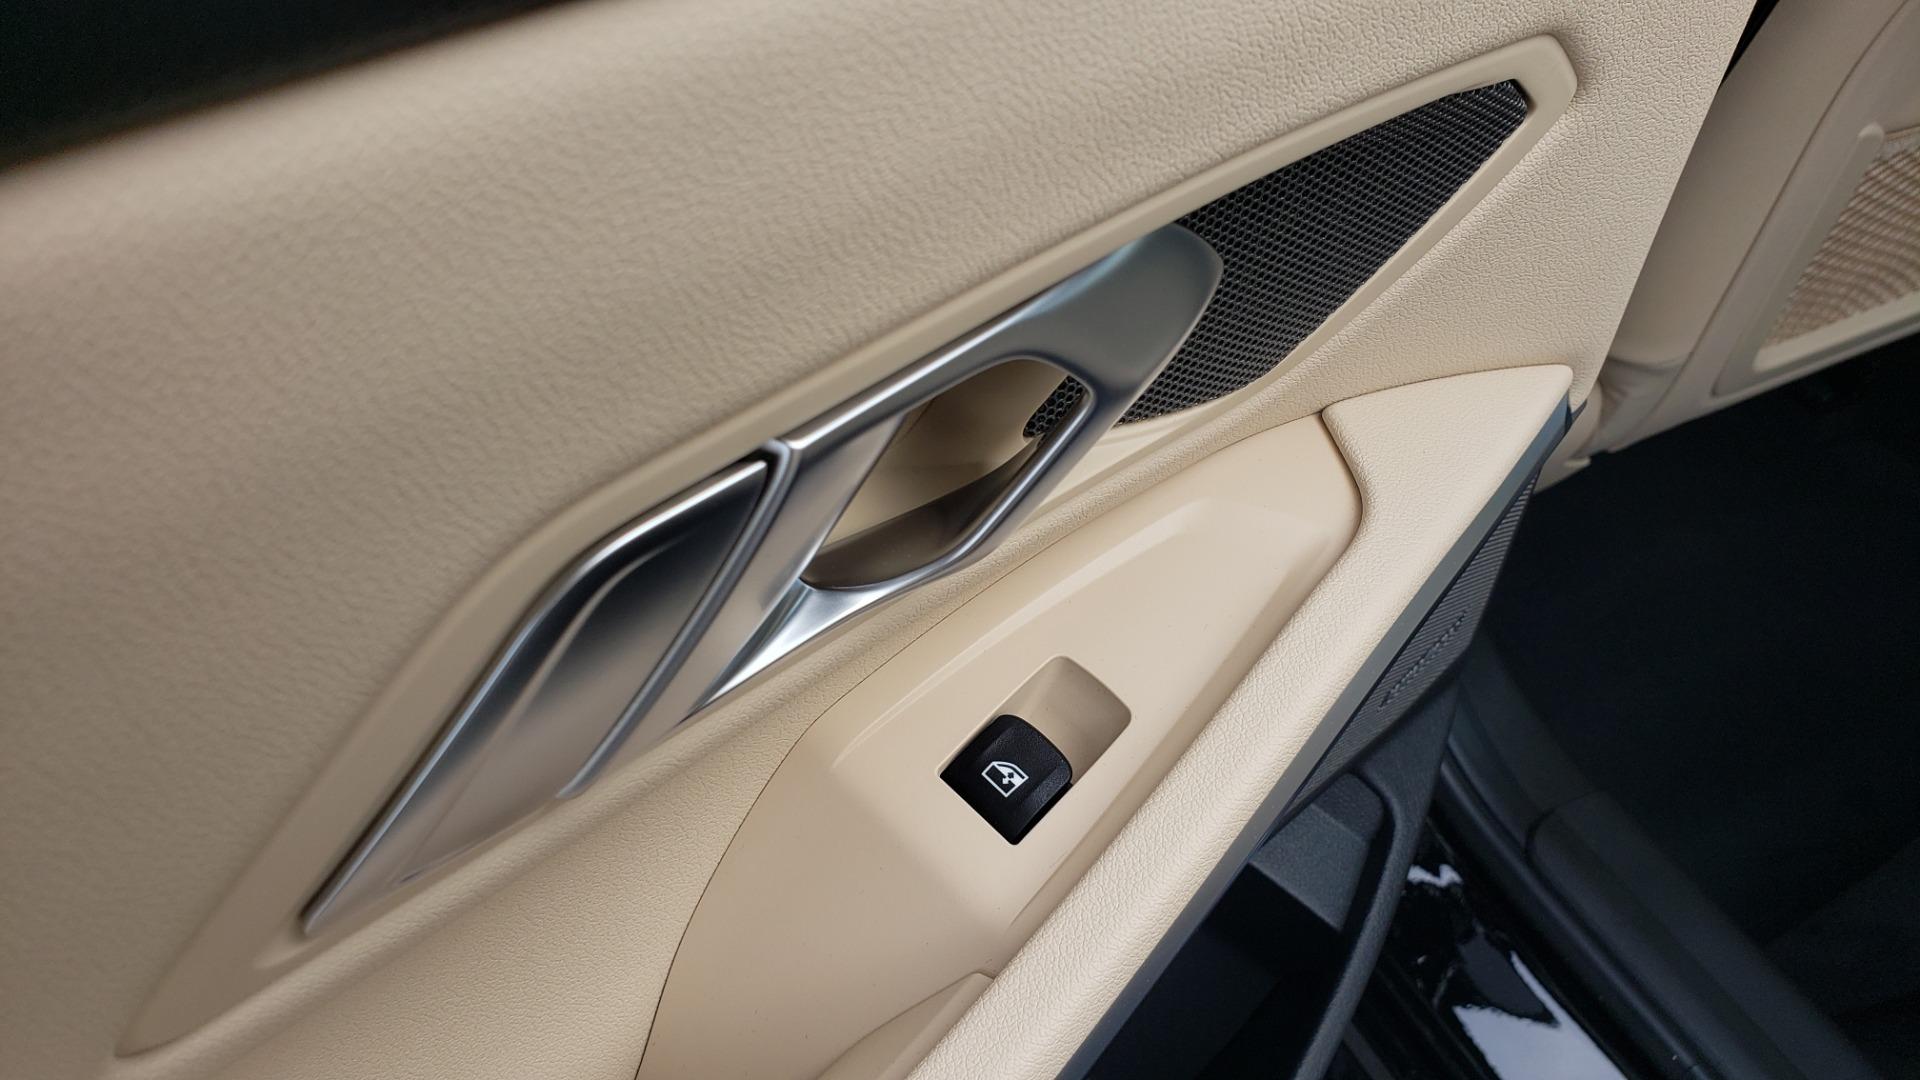 Used 2019 BMW 3 SERIES 330I PREM PKG / NAV / CONV PKG / H&K SND / LIVE COCKPIT PRO for sale Sold at Formula Imports in Charlotte NC 28227 63